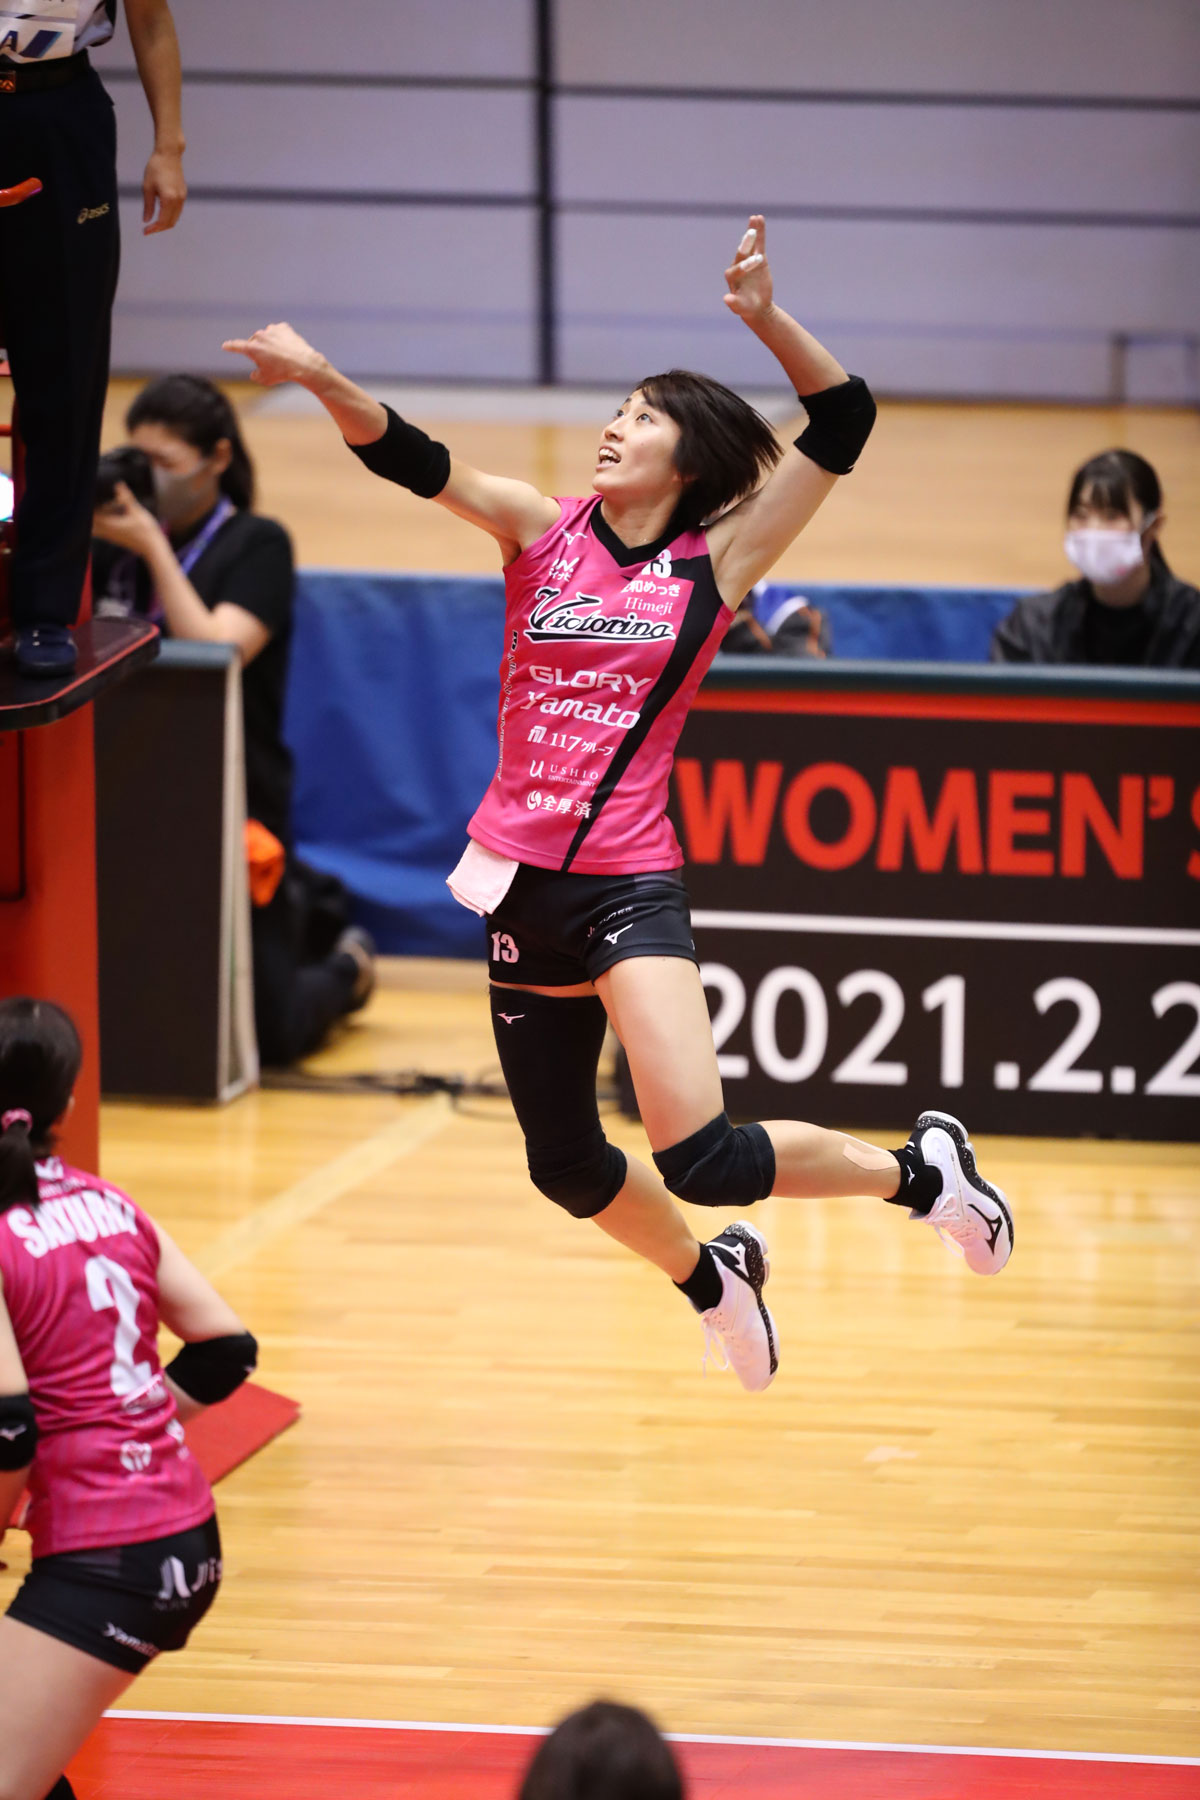 2020年10月31日(土)HG vs久光スプリングス(ヴィクトリーナ・ウインク体育館)